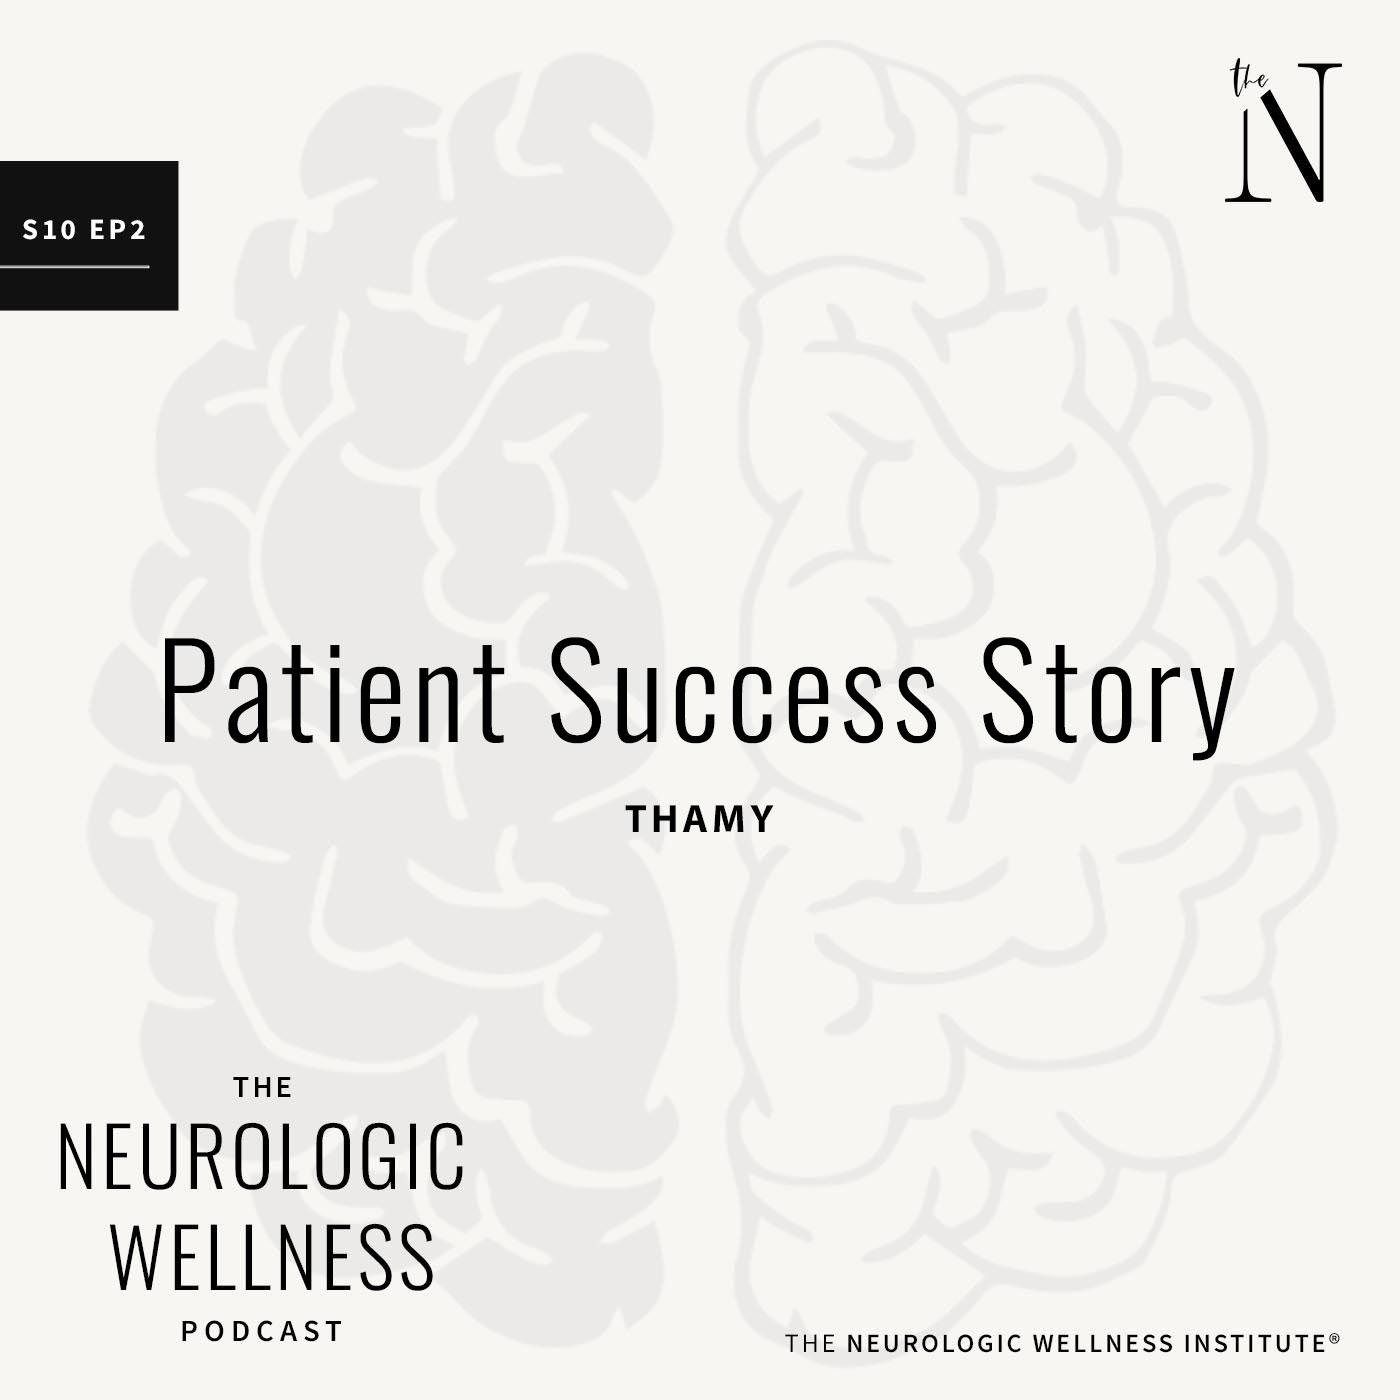 Patient Success Story